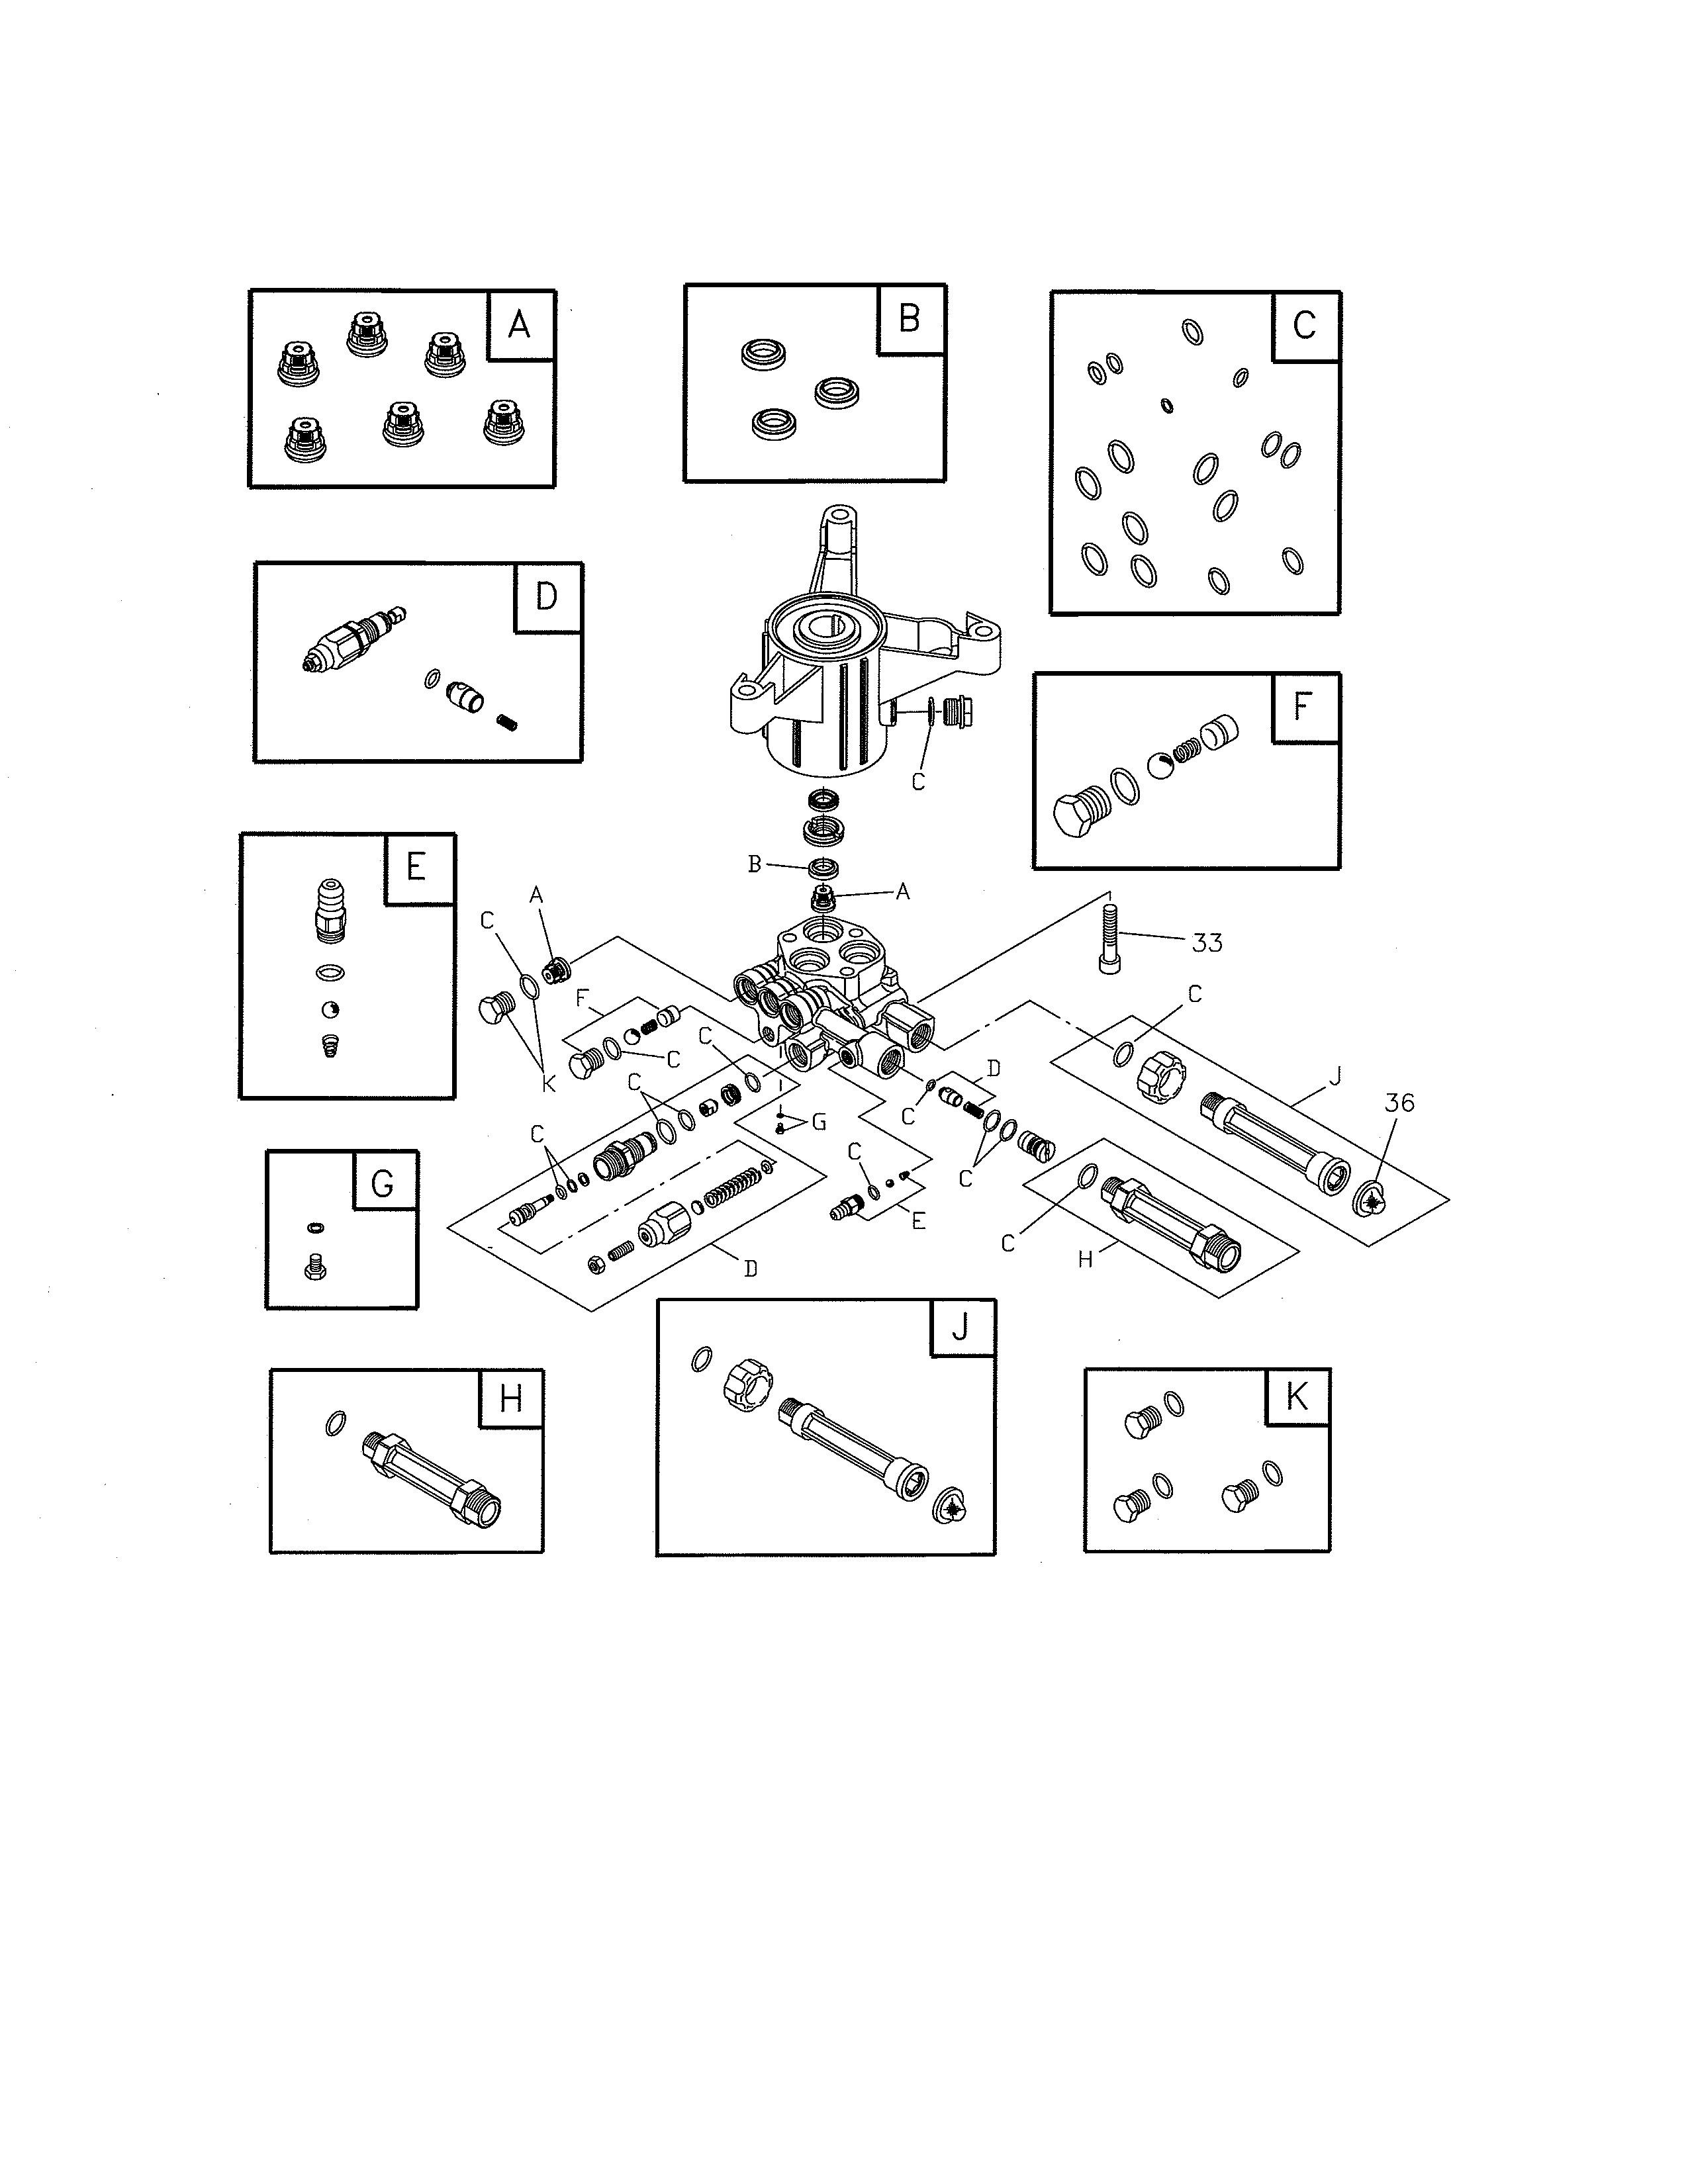 Briggs Stratton Parts Diagram Briggs & Stratton 01 Pressure Washer Parts Of Briggs Stratton Parts Diagram